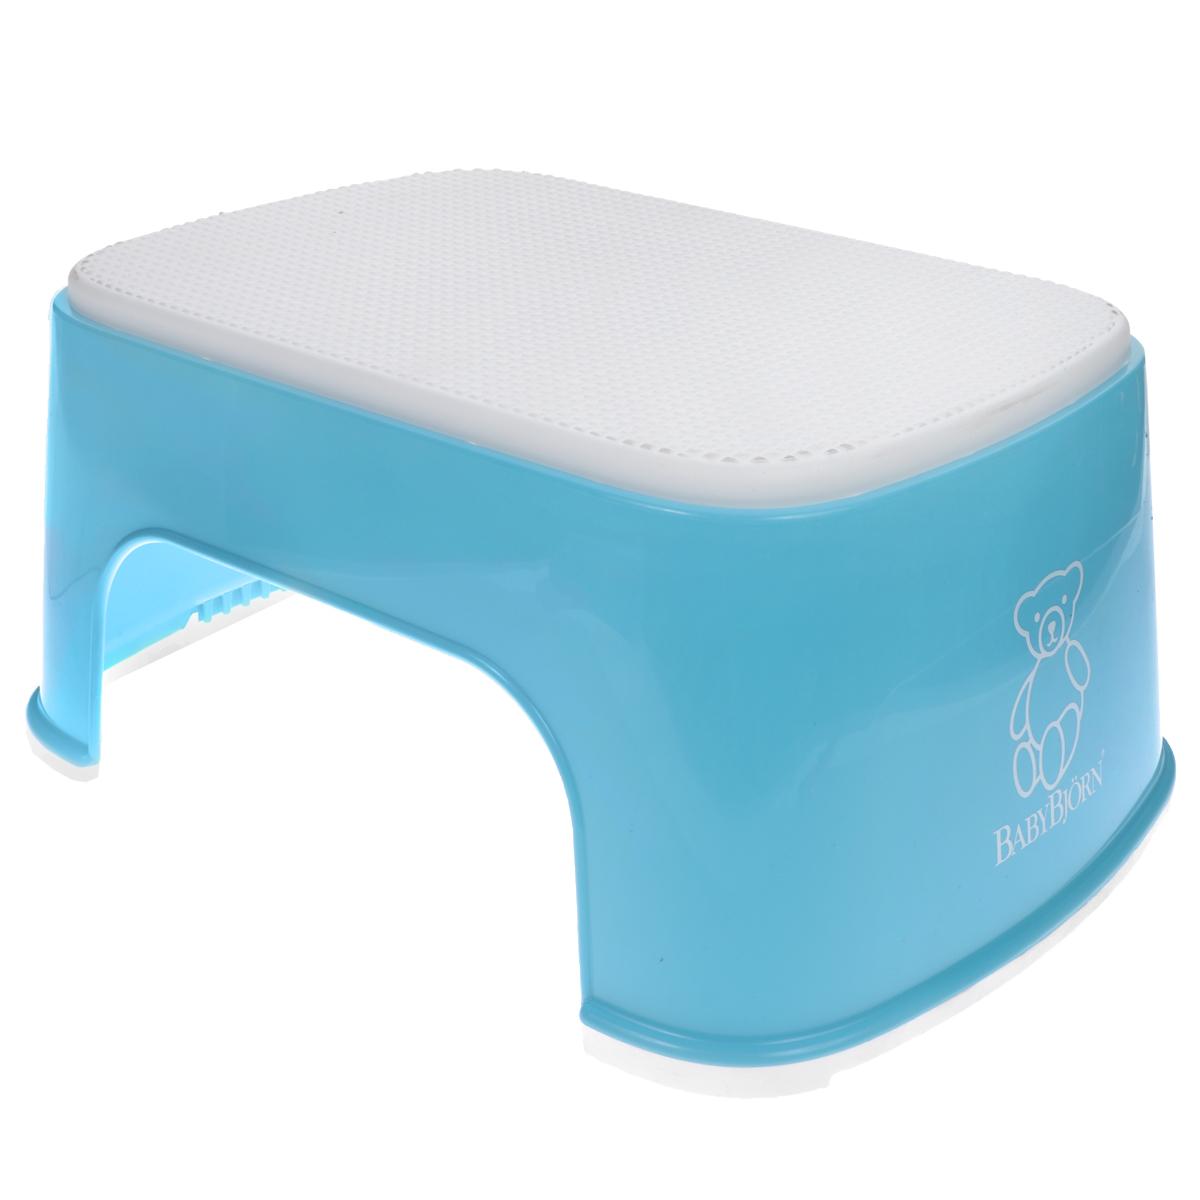 Стульчик-подставка BabyBjorn, цвет: бирюзовый, белый стульчик подставка babybjorn цвет серый белый